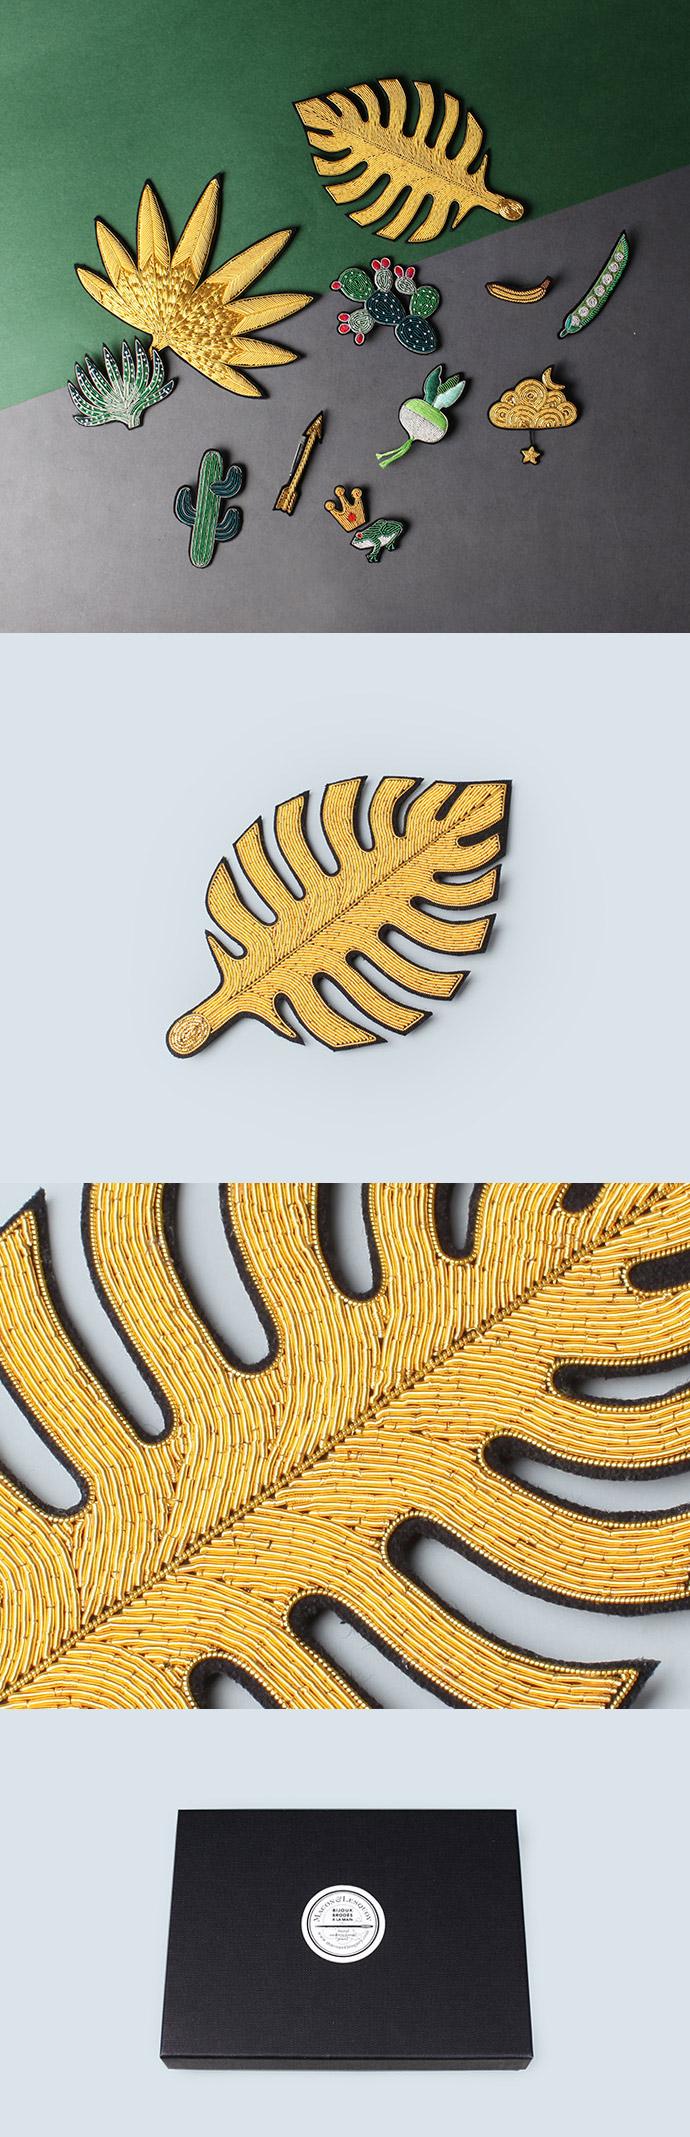 野兽派--金色橡胶树叶胸针